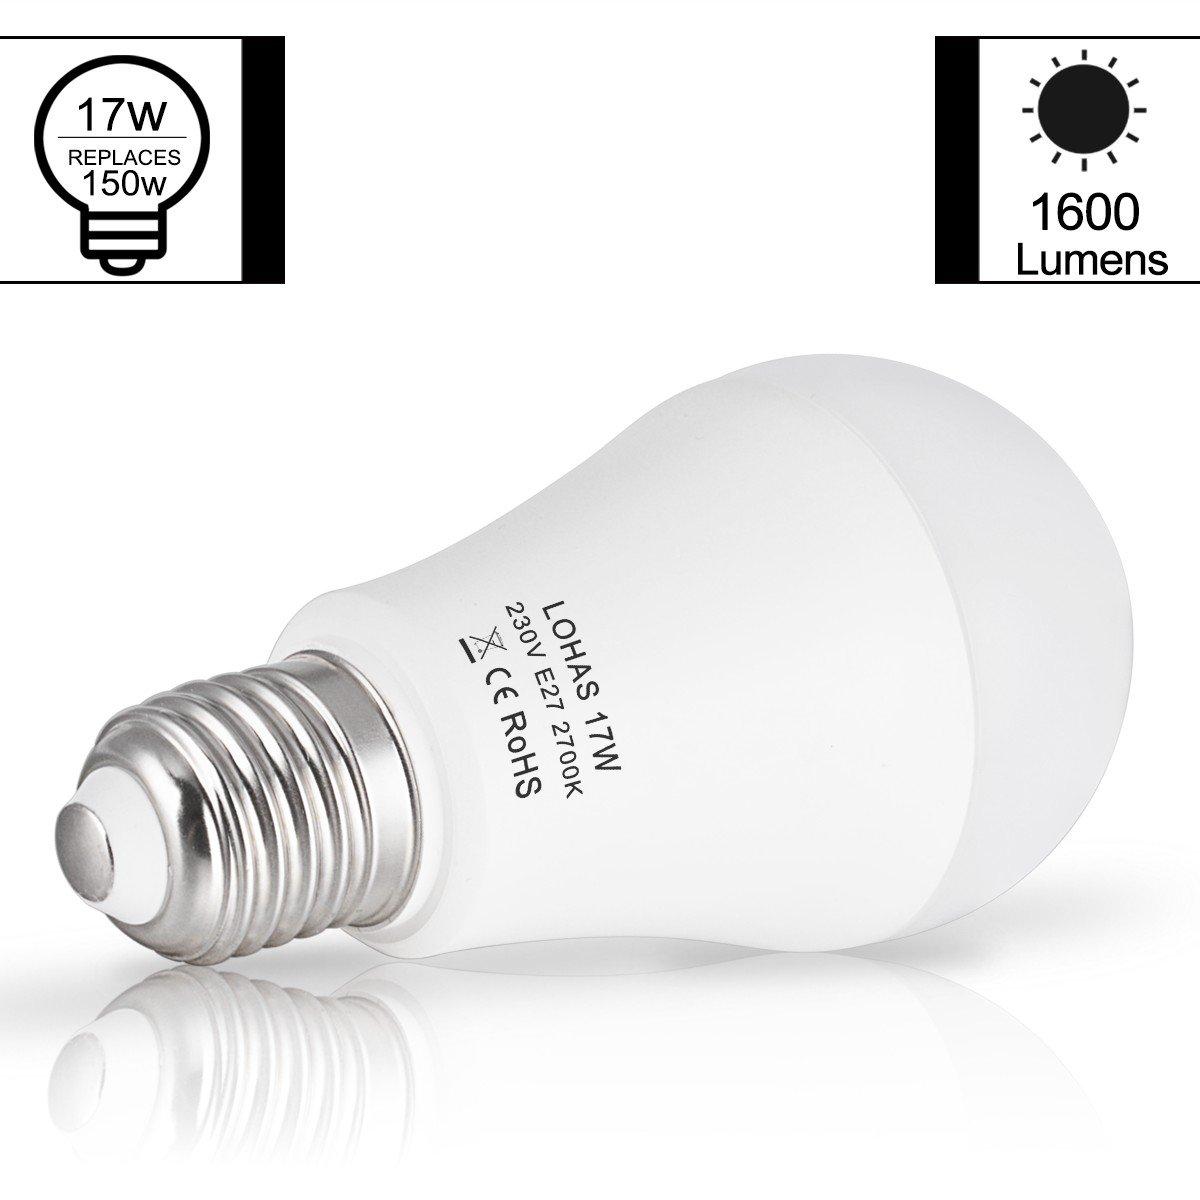 LOHAS 17Watt LED E27 Bombillas, Equivalente a 150Watt Lámpara Incandescente, Blanco Cálido 2700K, 1600 lúmenes, 180°ángulo de haz, no regulable, ...